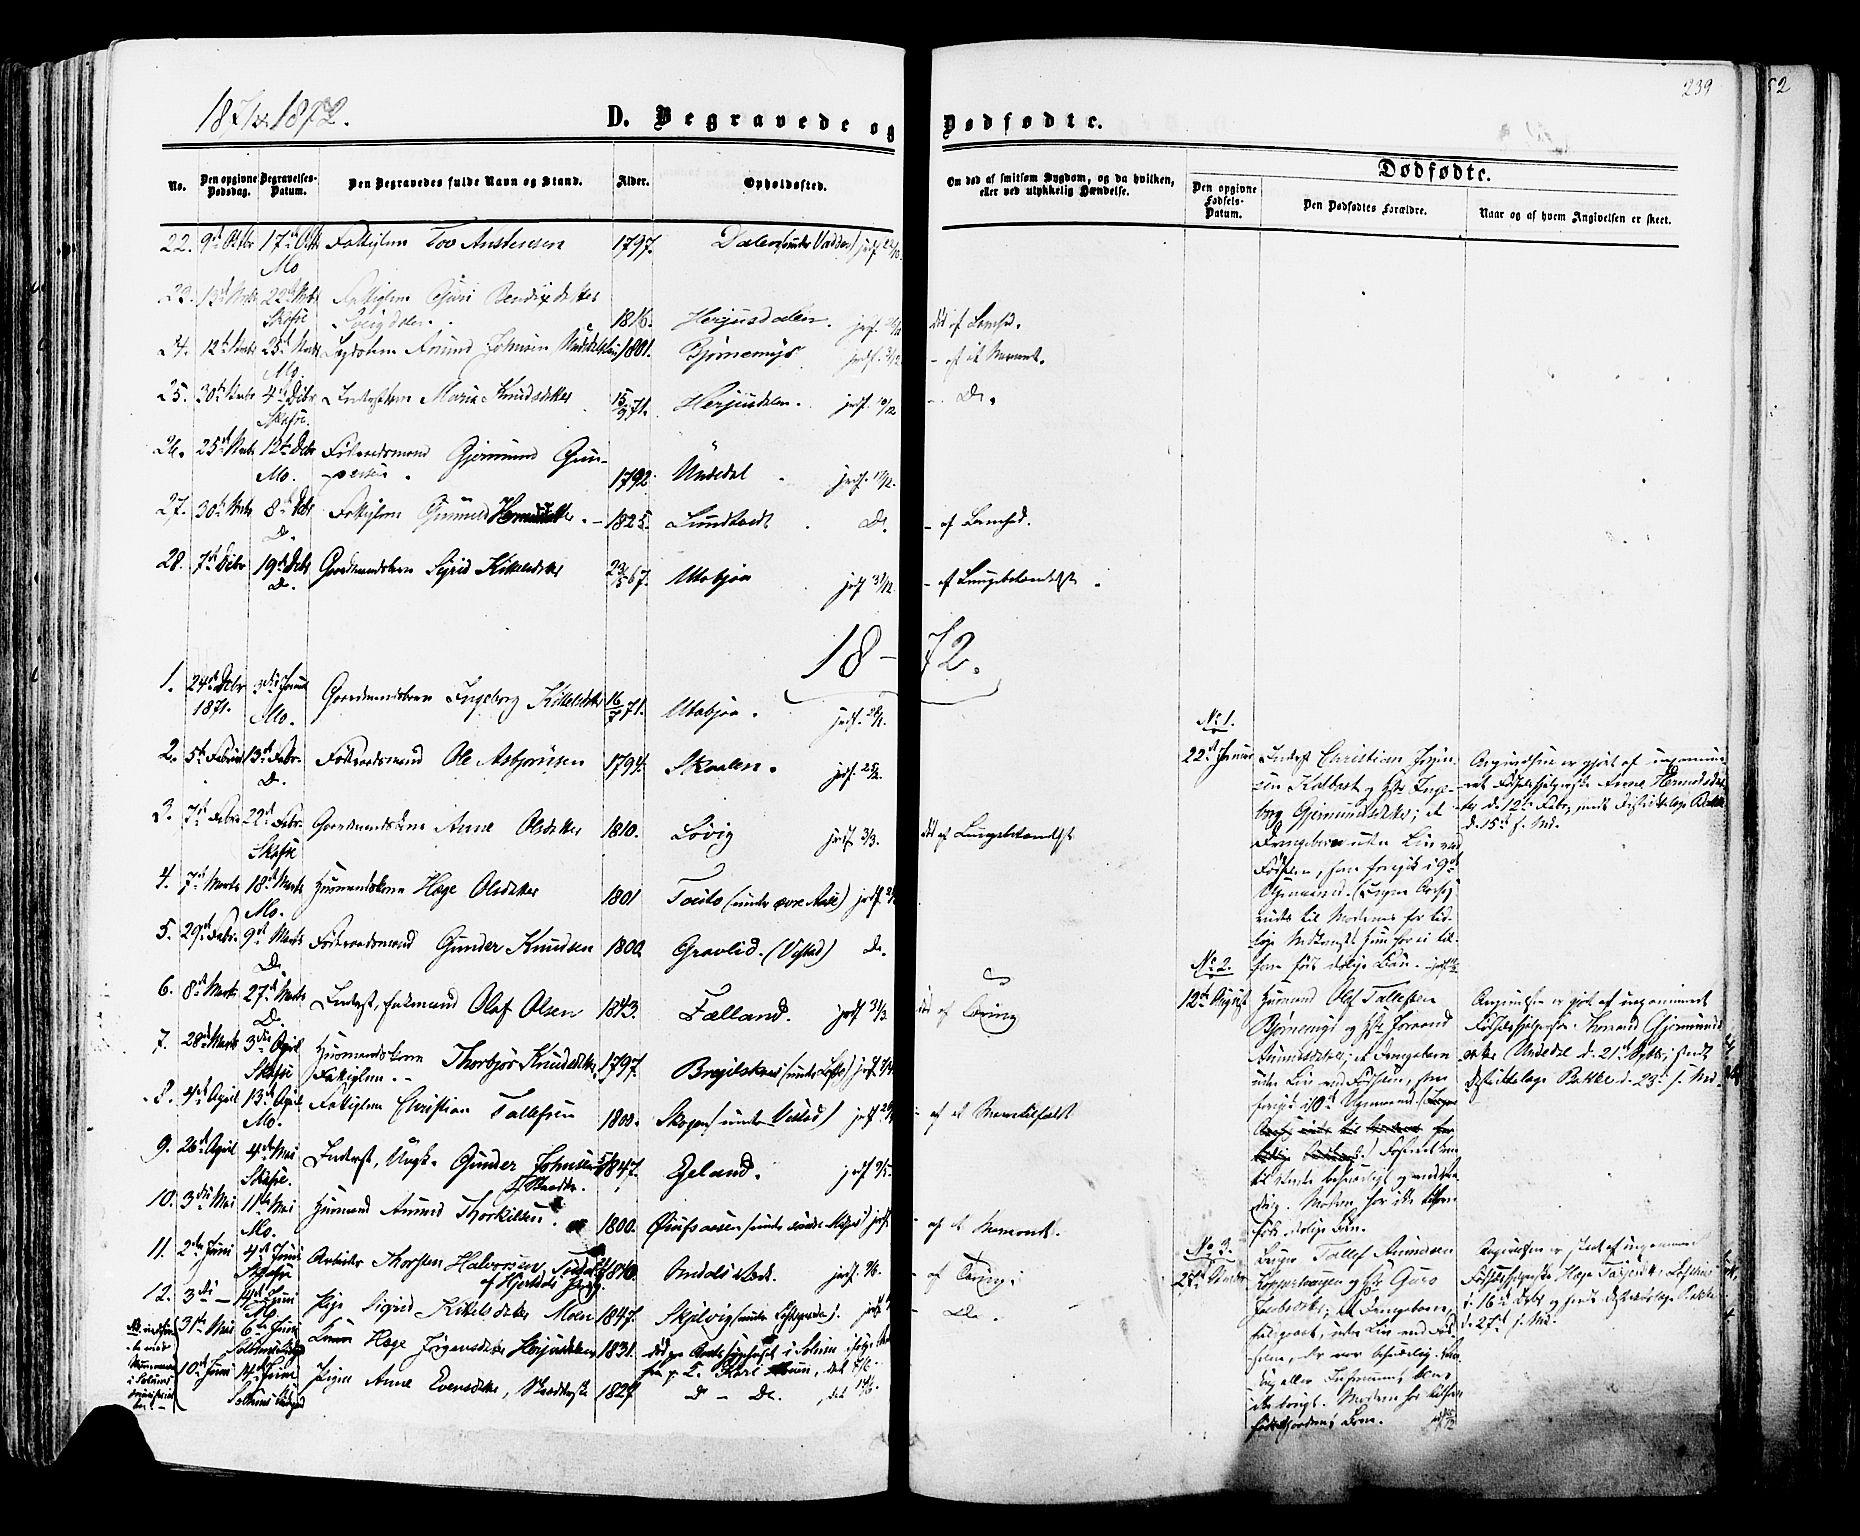 SAKO, Mo kirkebøker, F/Fa/L0006: Ministerialbok nr. I 6, 1865-1885, s. 239